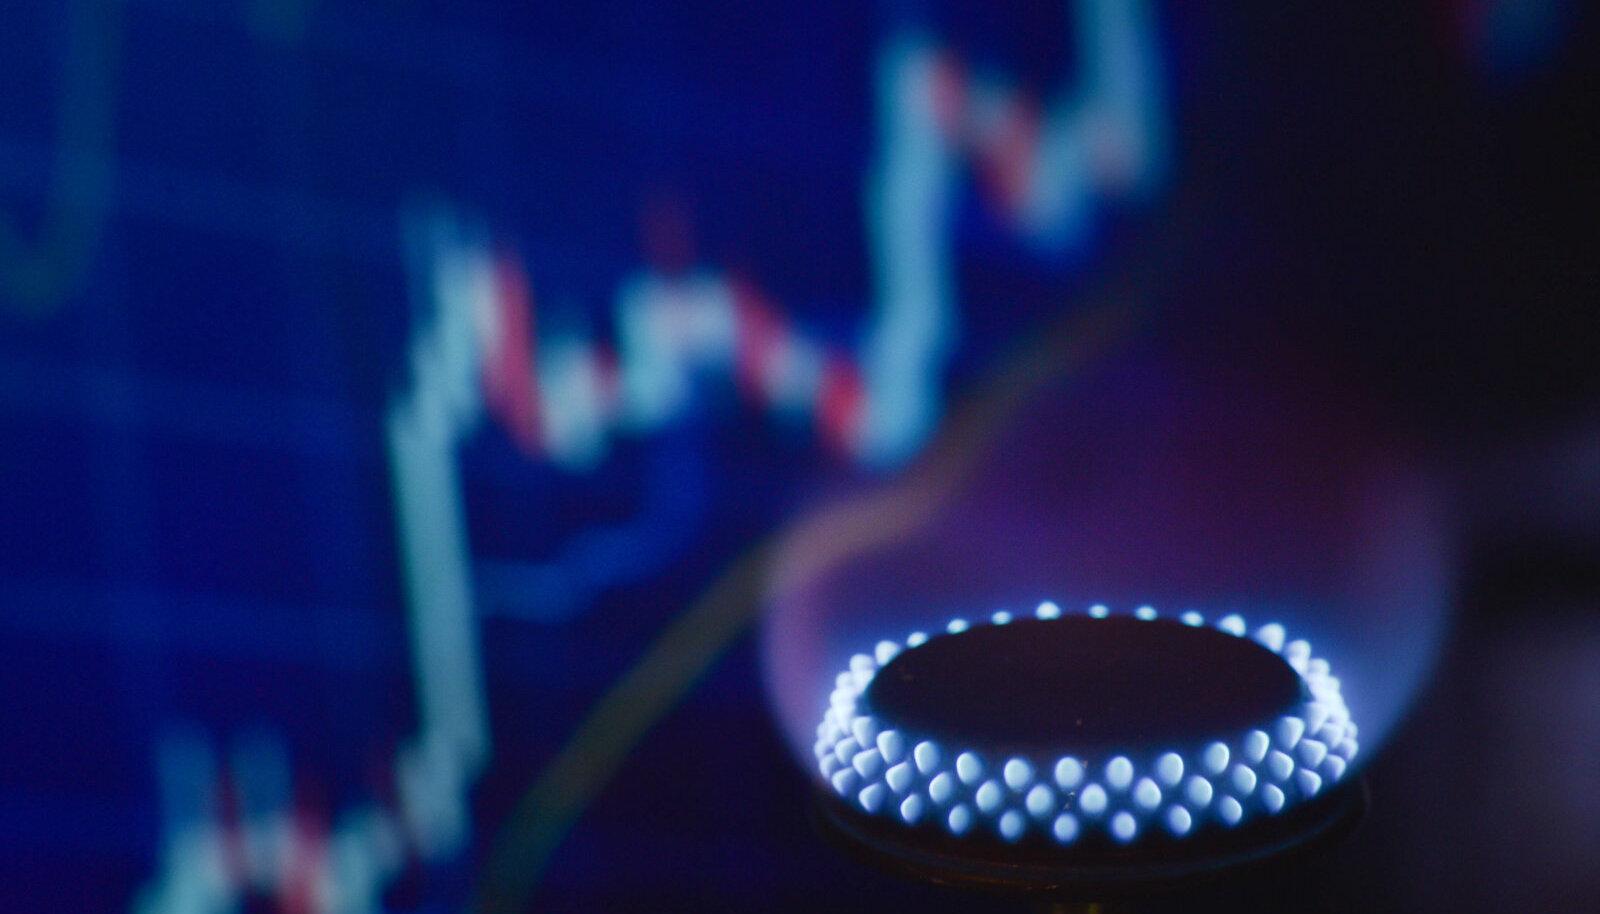 Euroopa hüppeliselt tõusvad gaasihinnad